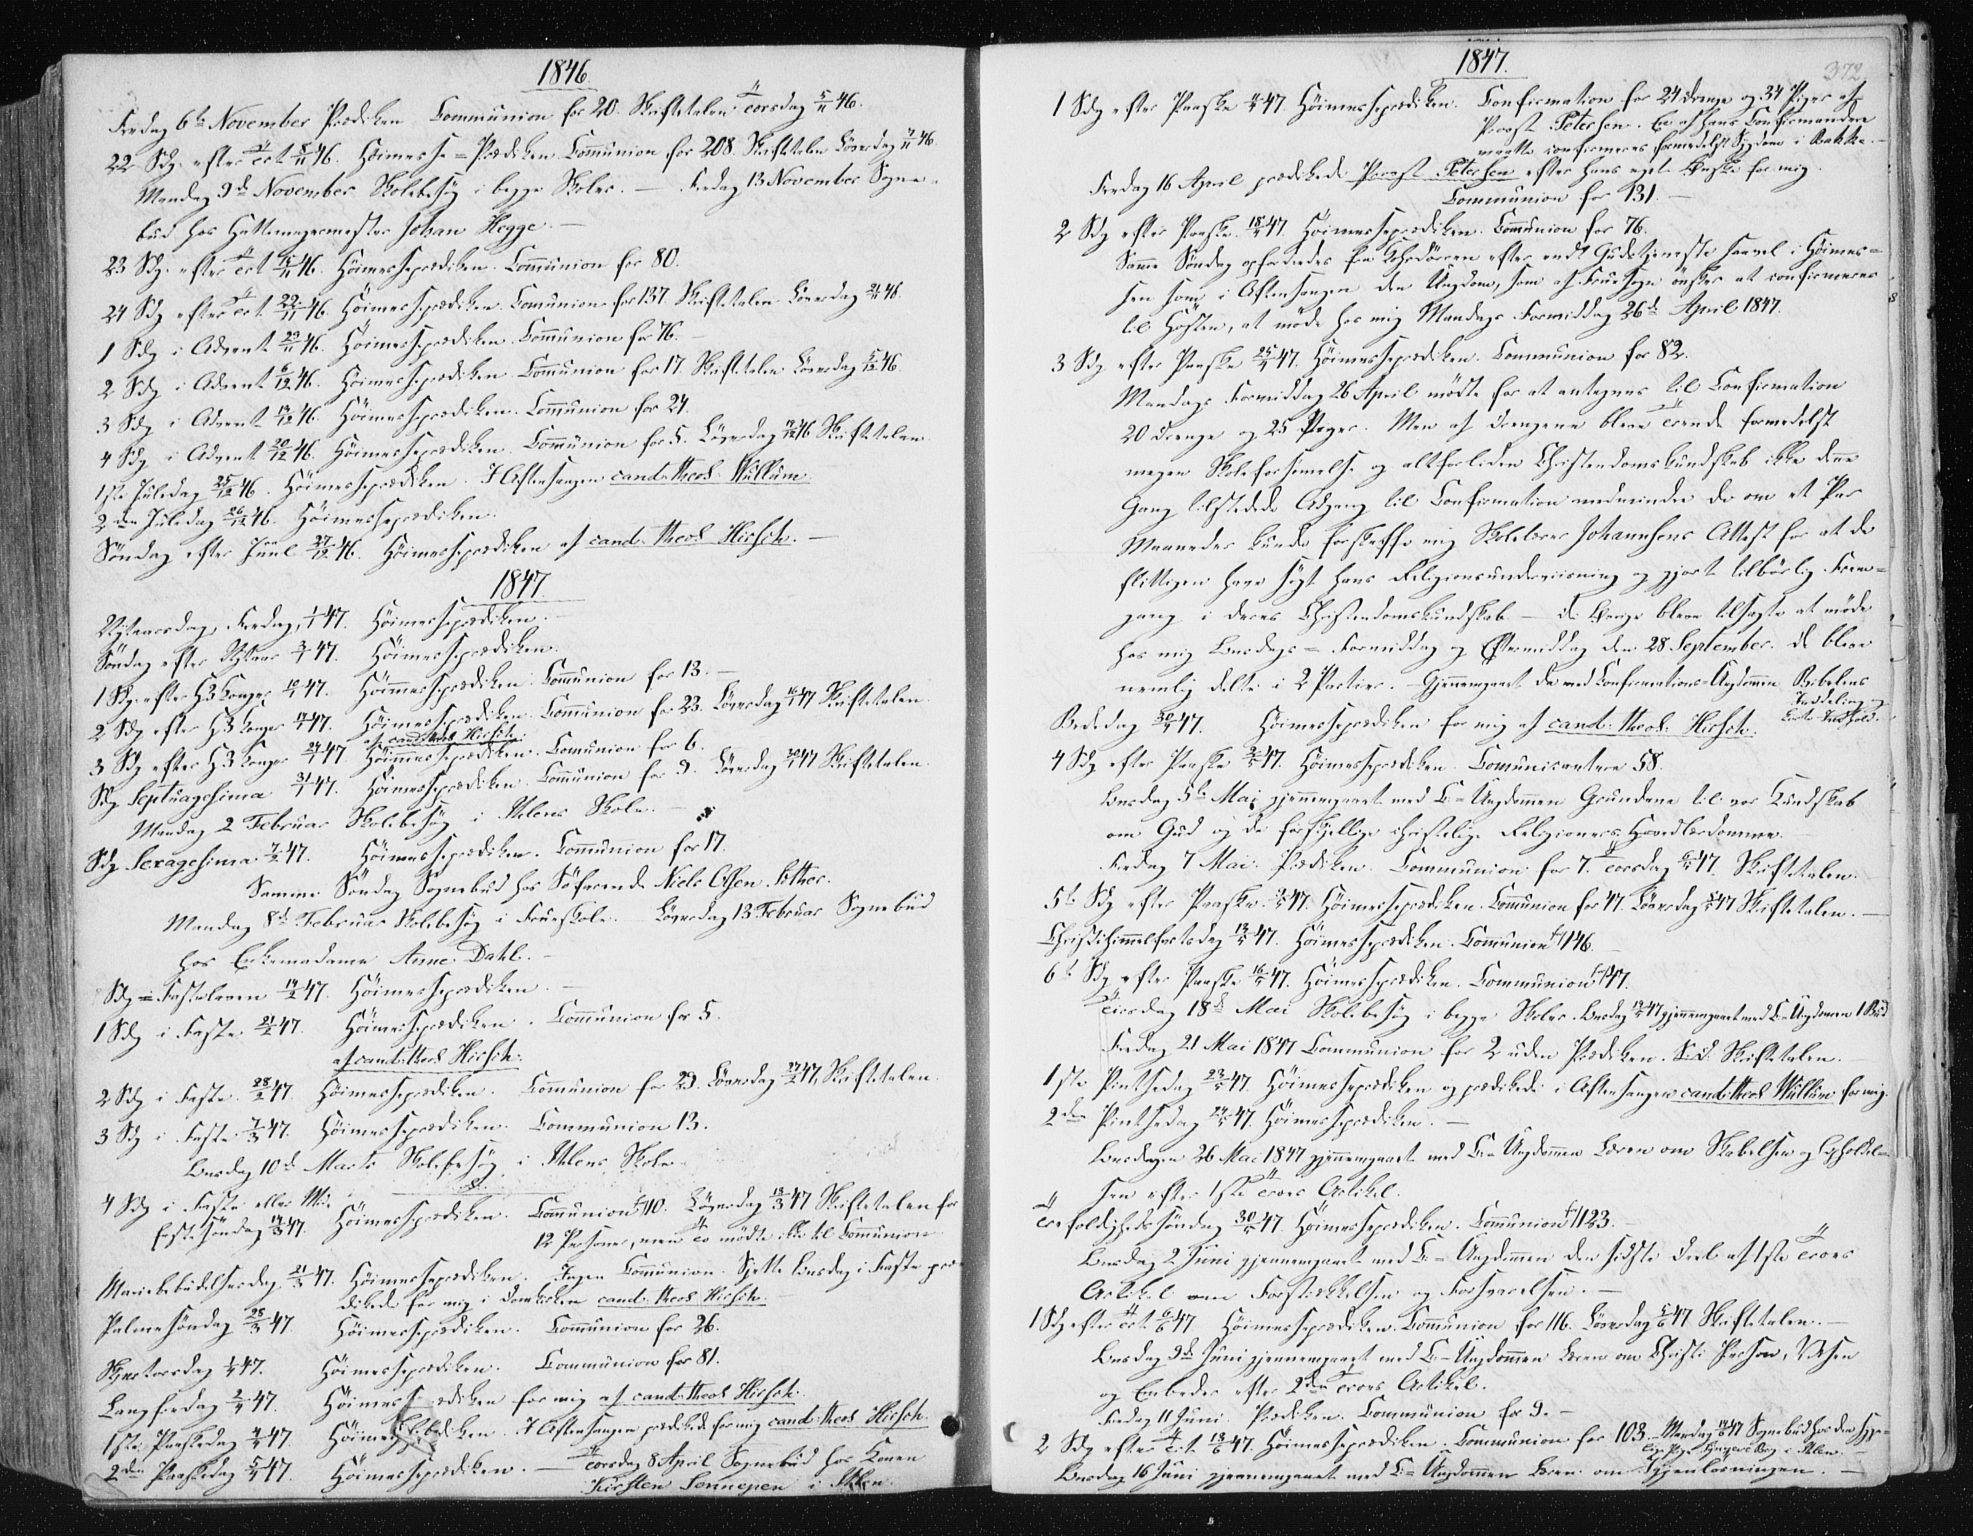 SAT, Ministerialprotokoller, klokkerbøker og fødselsregistre - Sør-Trøndelag, 602/L0110: Ministerialbok nr. 602A08, 1840-1854, s. 372